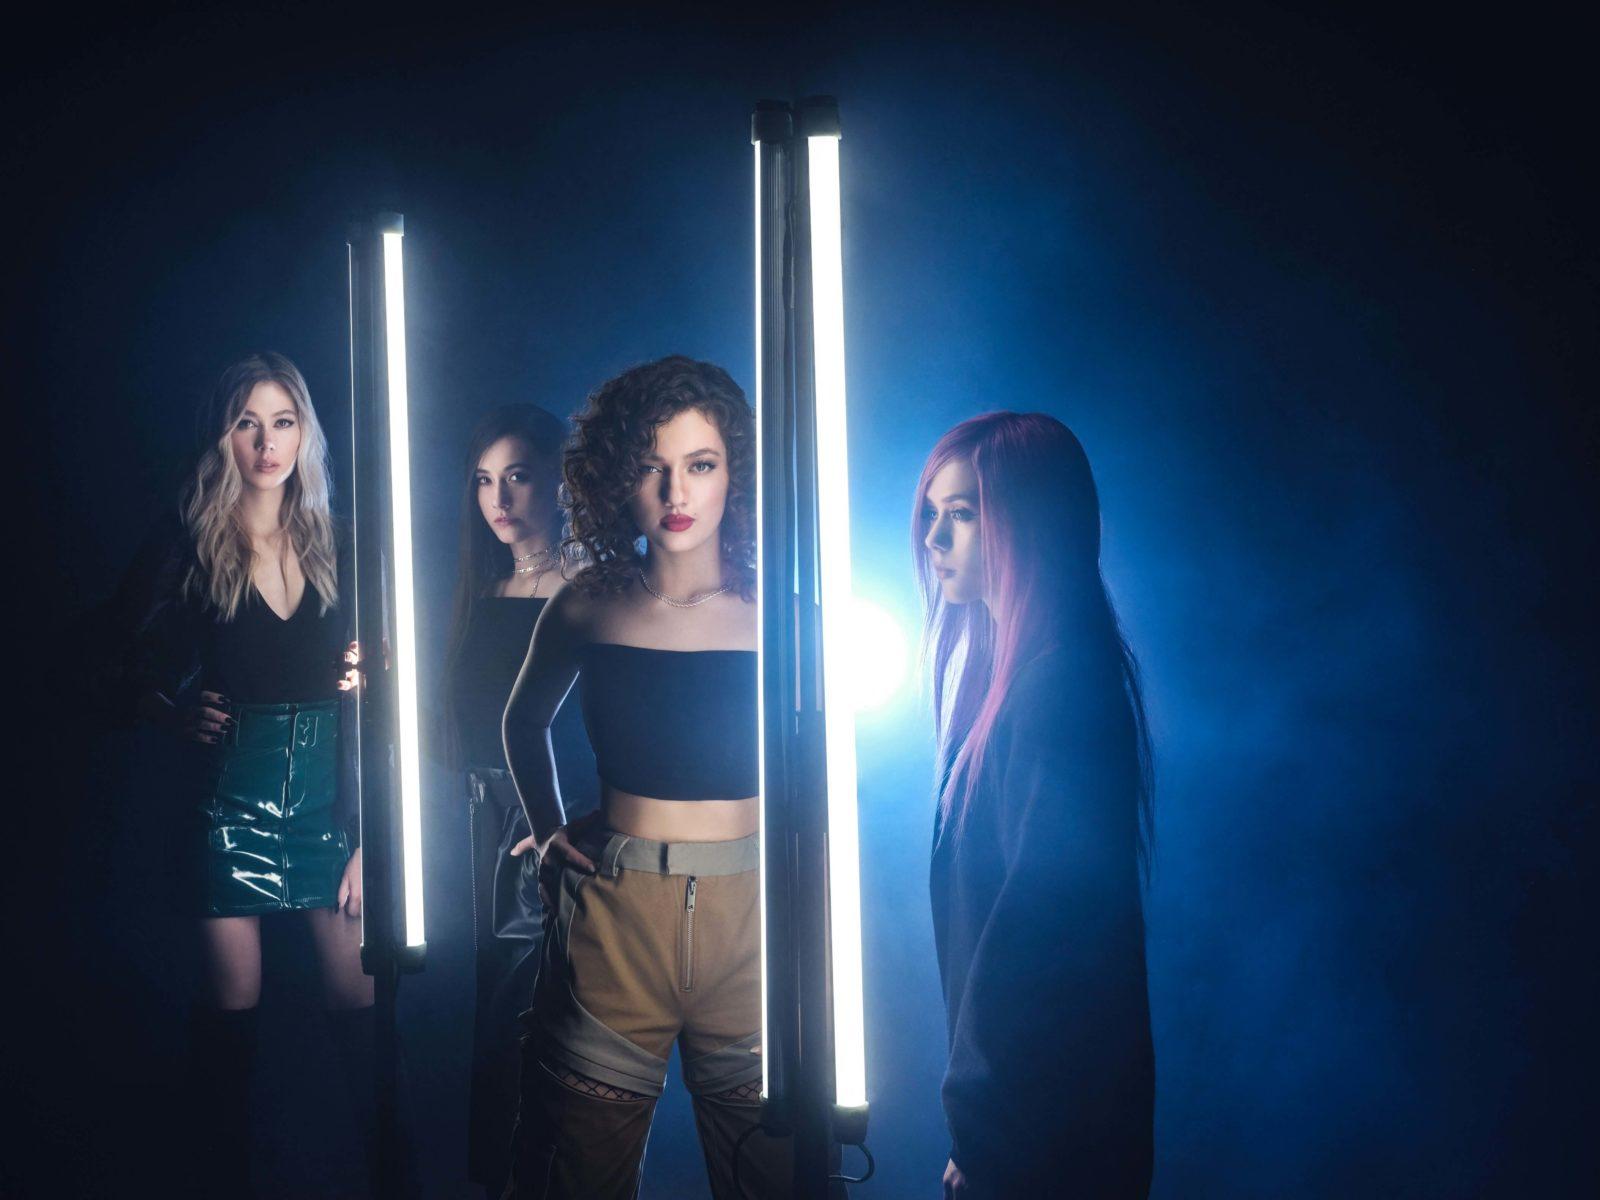 期待の4姉妹ガールズバンド・Crimson Apple、新曲「Break Your Heart Worse」リリースサムネイル画像